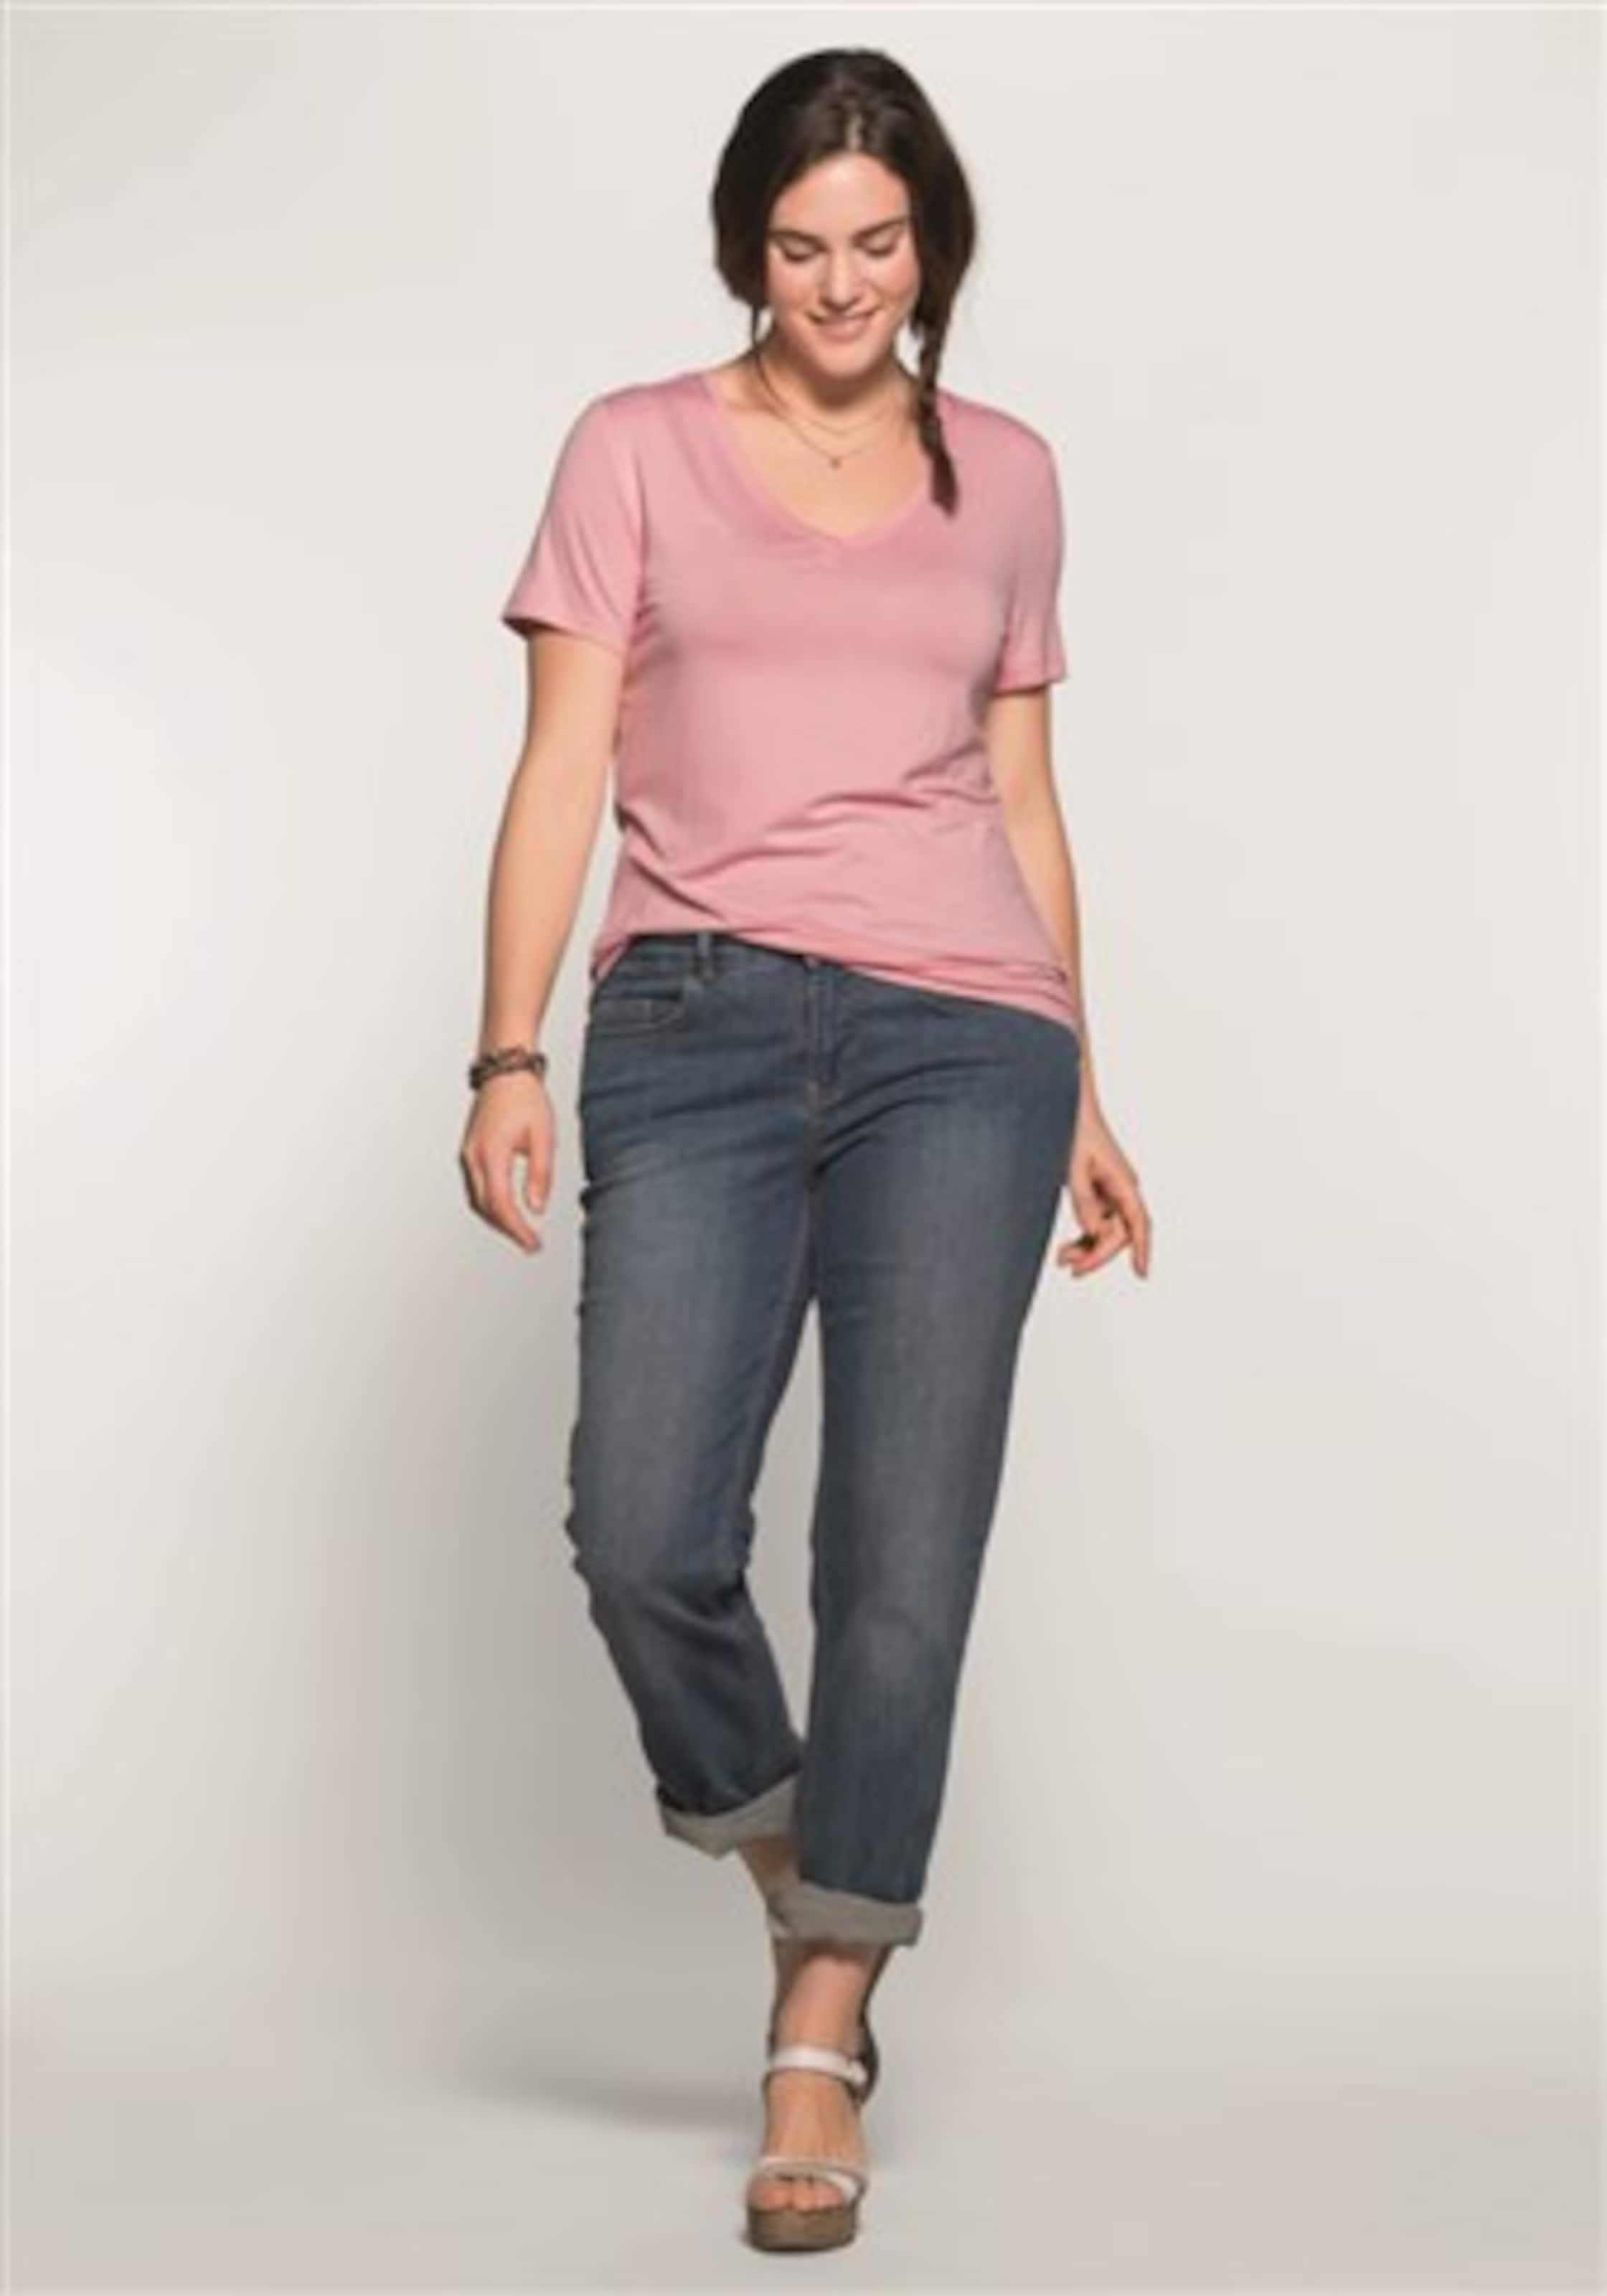 sheego casual BASIC T-Shirt mit V-Ausschnitt Niedrige Versandgebühr Verkauf Online Neue Stile Günstiger Preis Günstig Kaufen Niedrigen Preis Versandkosten Für 5DiBBDf